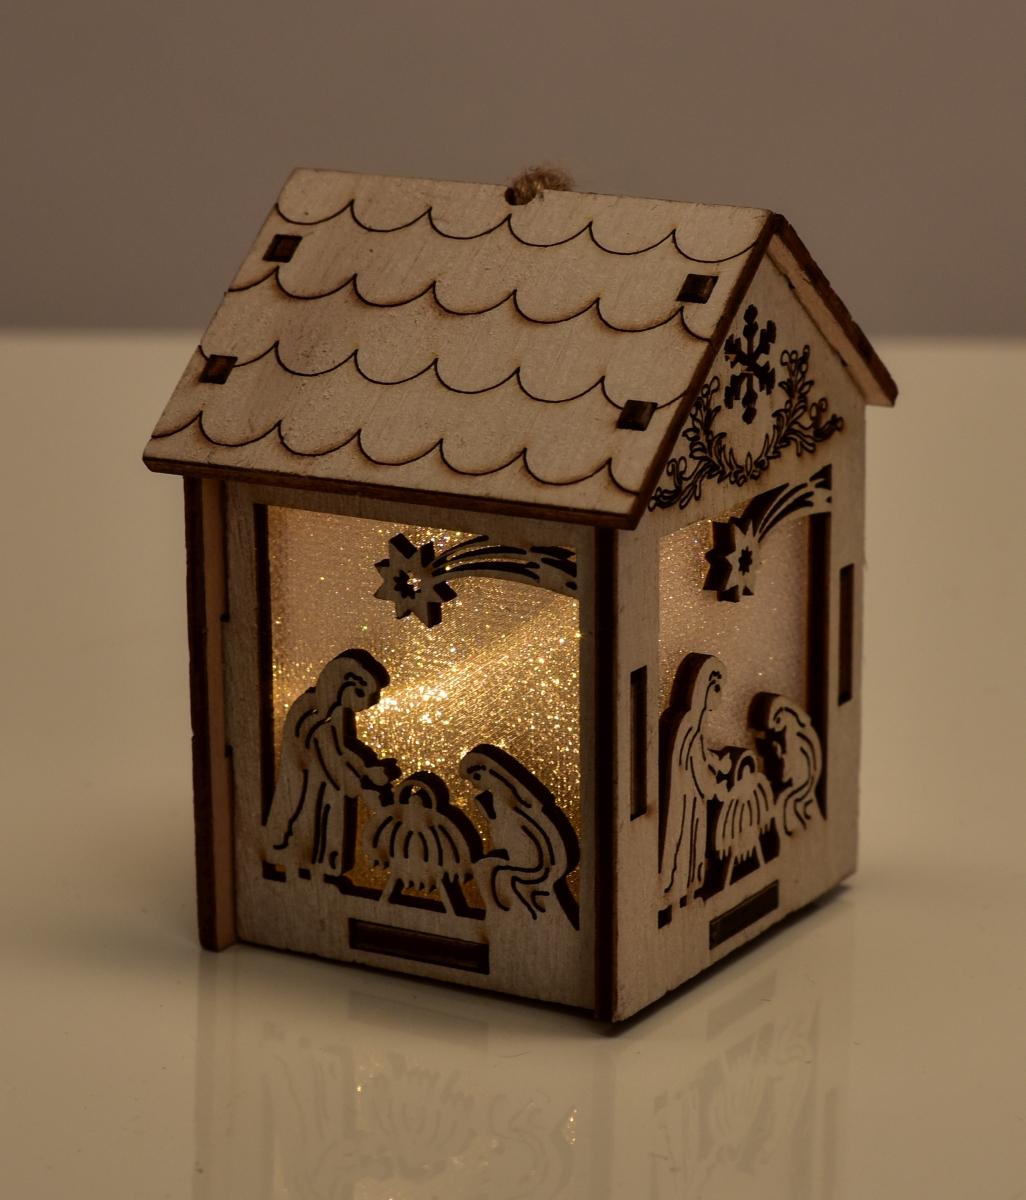 Dřevěný domek, s motivy betléma